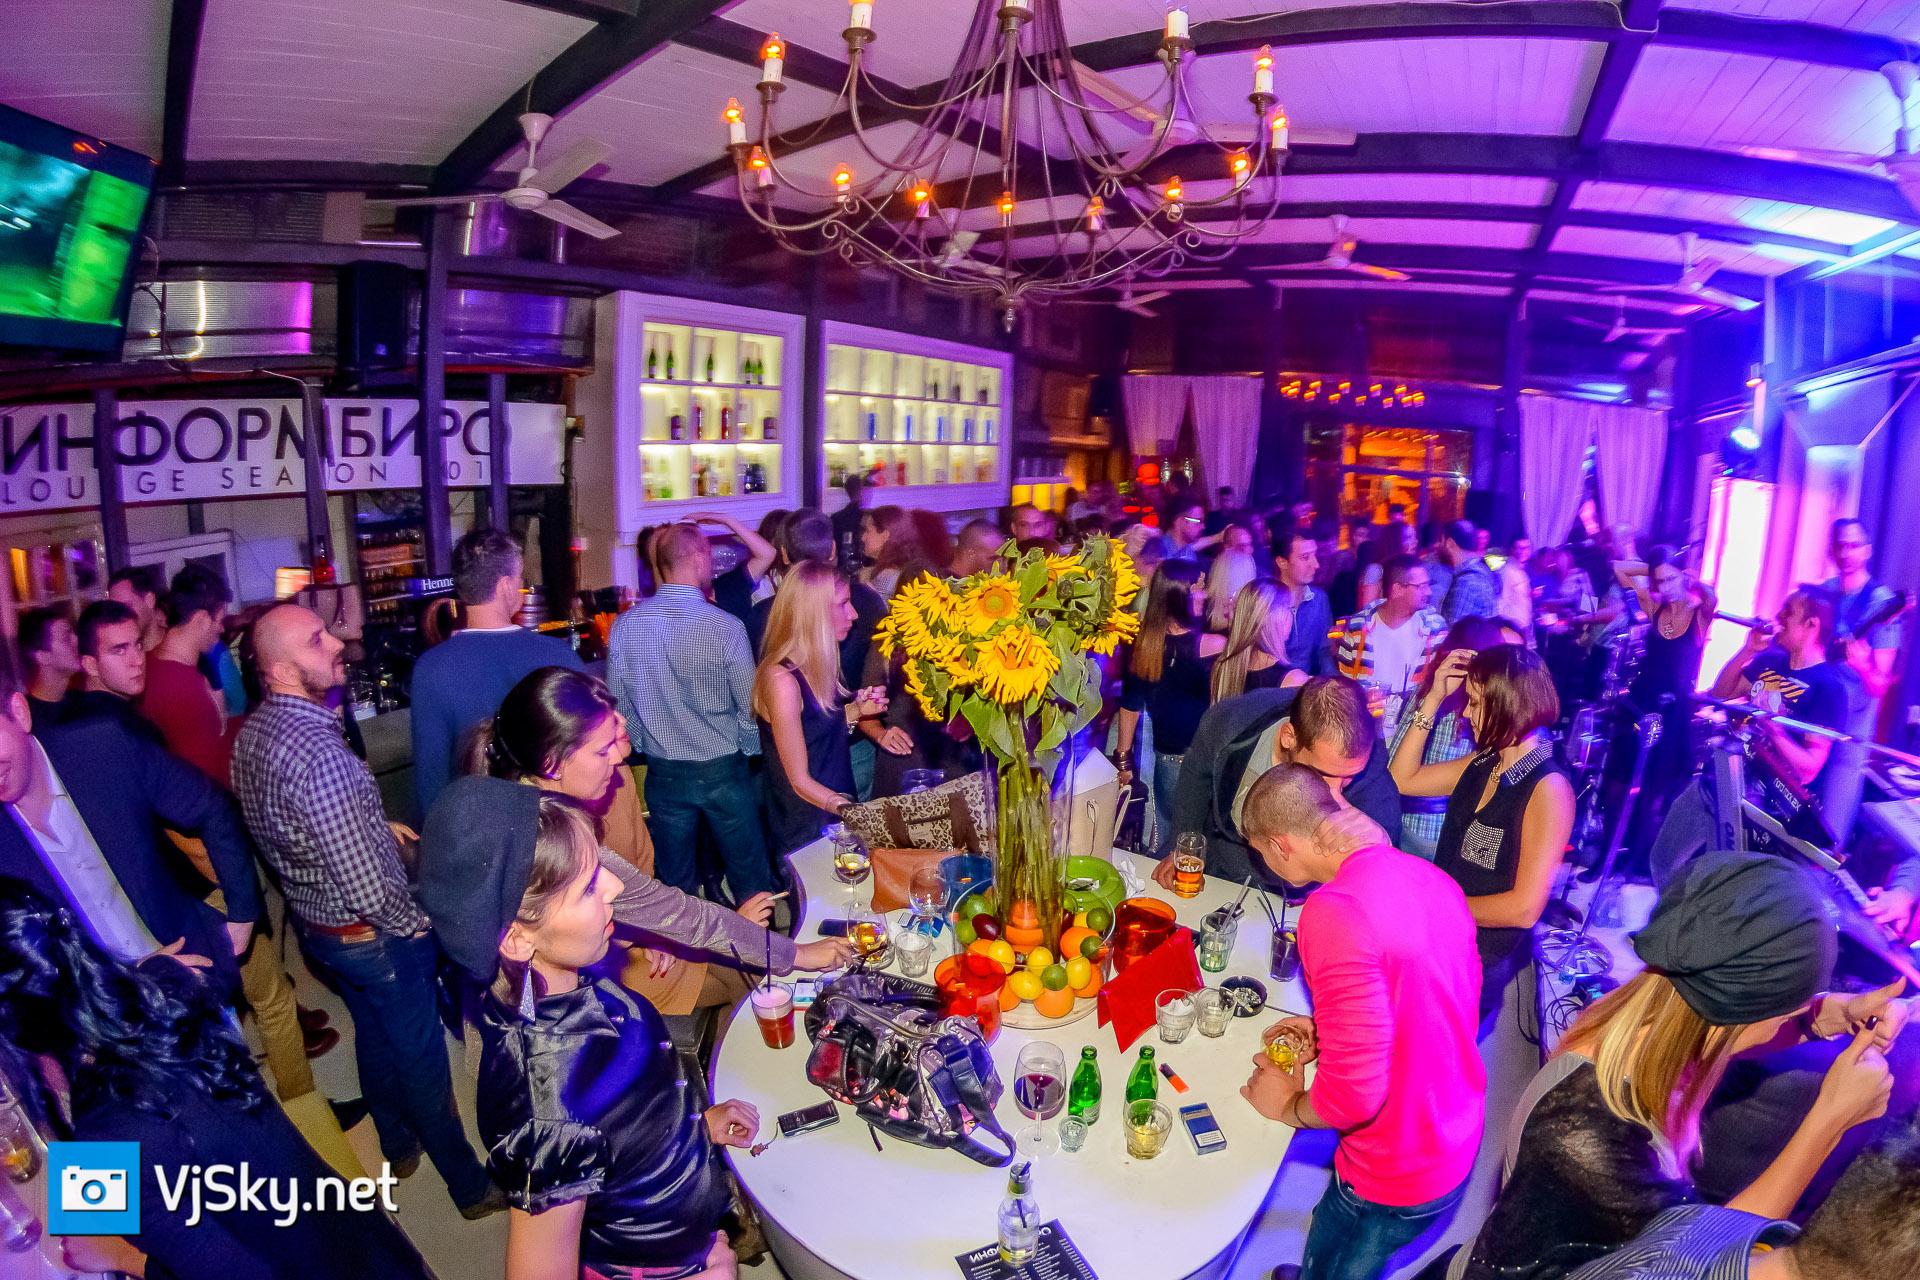 vjsky net informbiro winter lounge otvaranje sezone 22 10 2014 014 Foto izveštaj: Otvaranje nove sezone u Informbirou